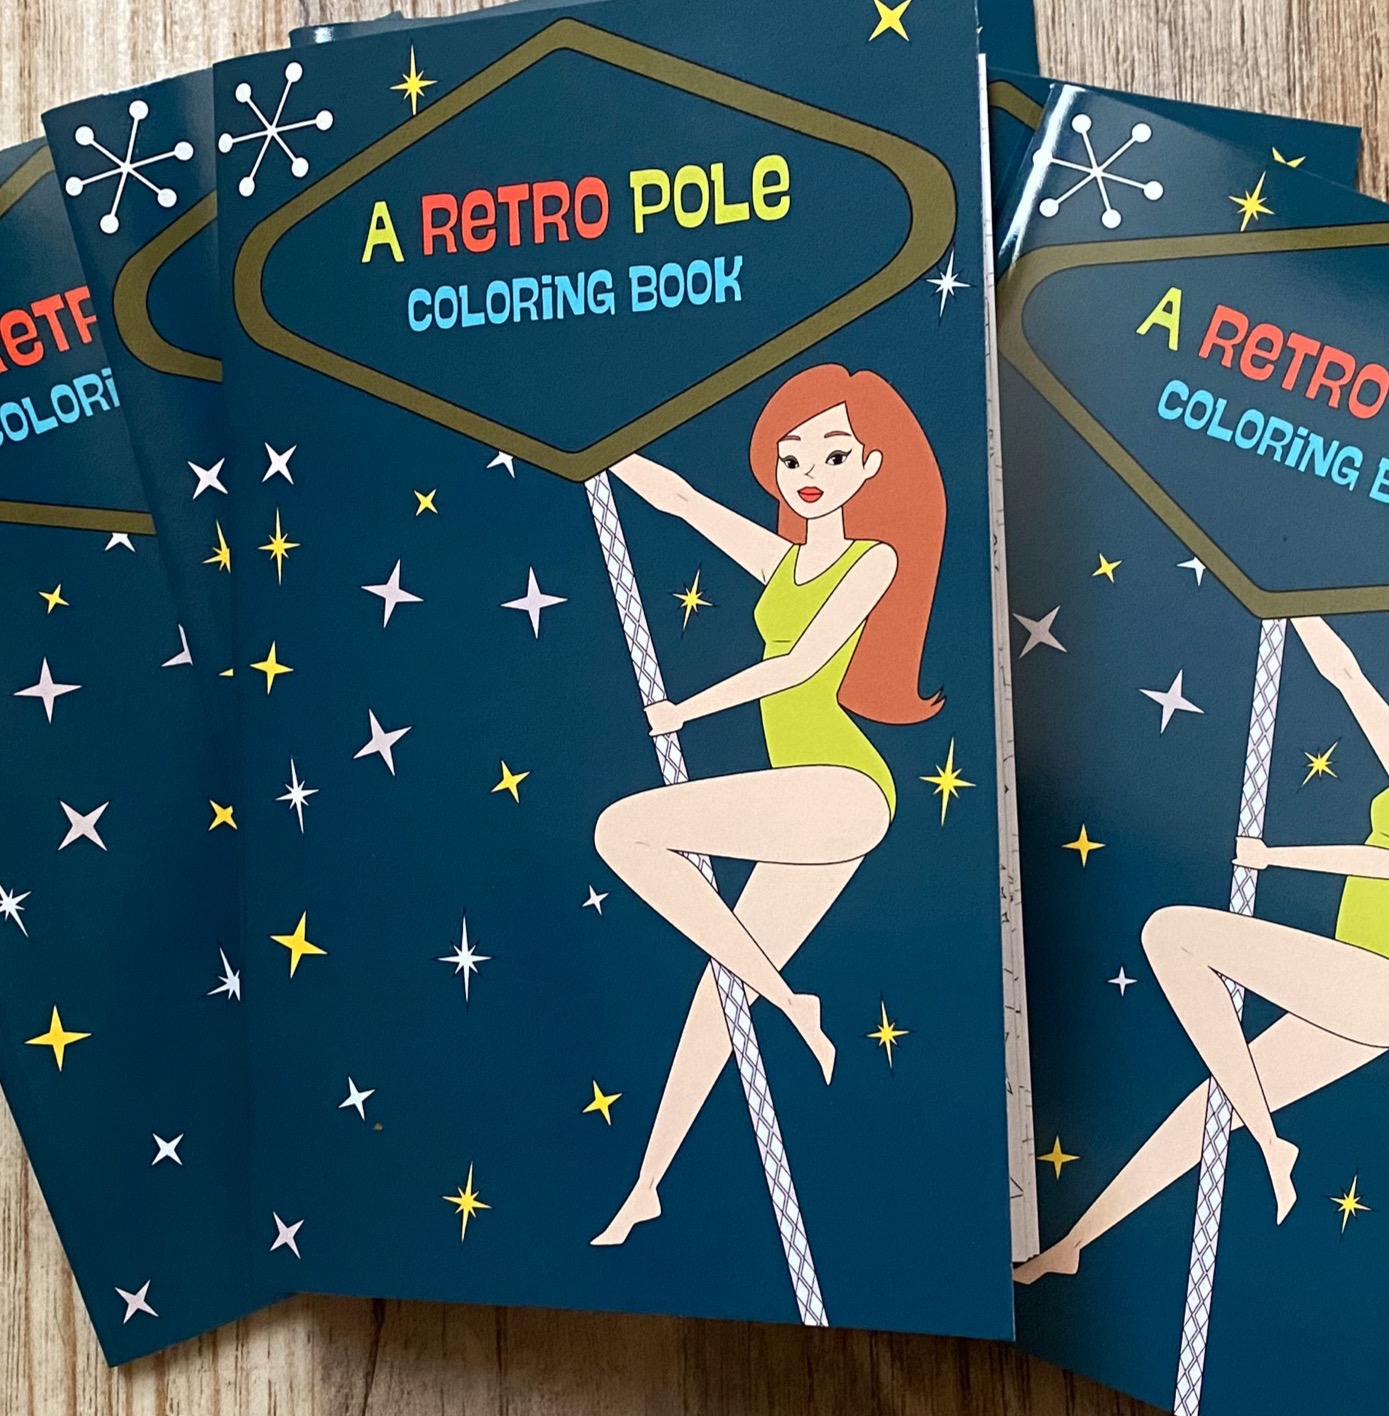 Retro Pole Coloring Book